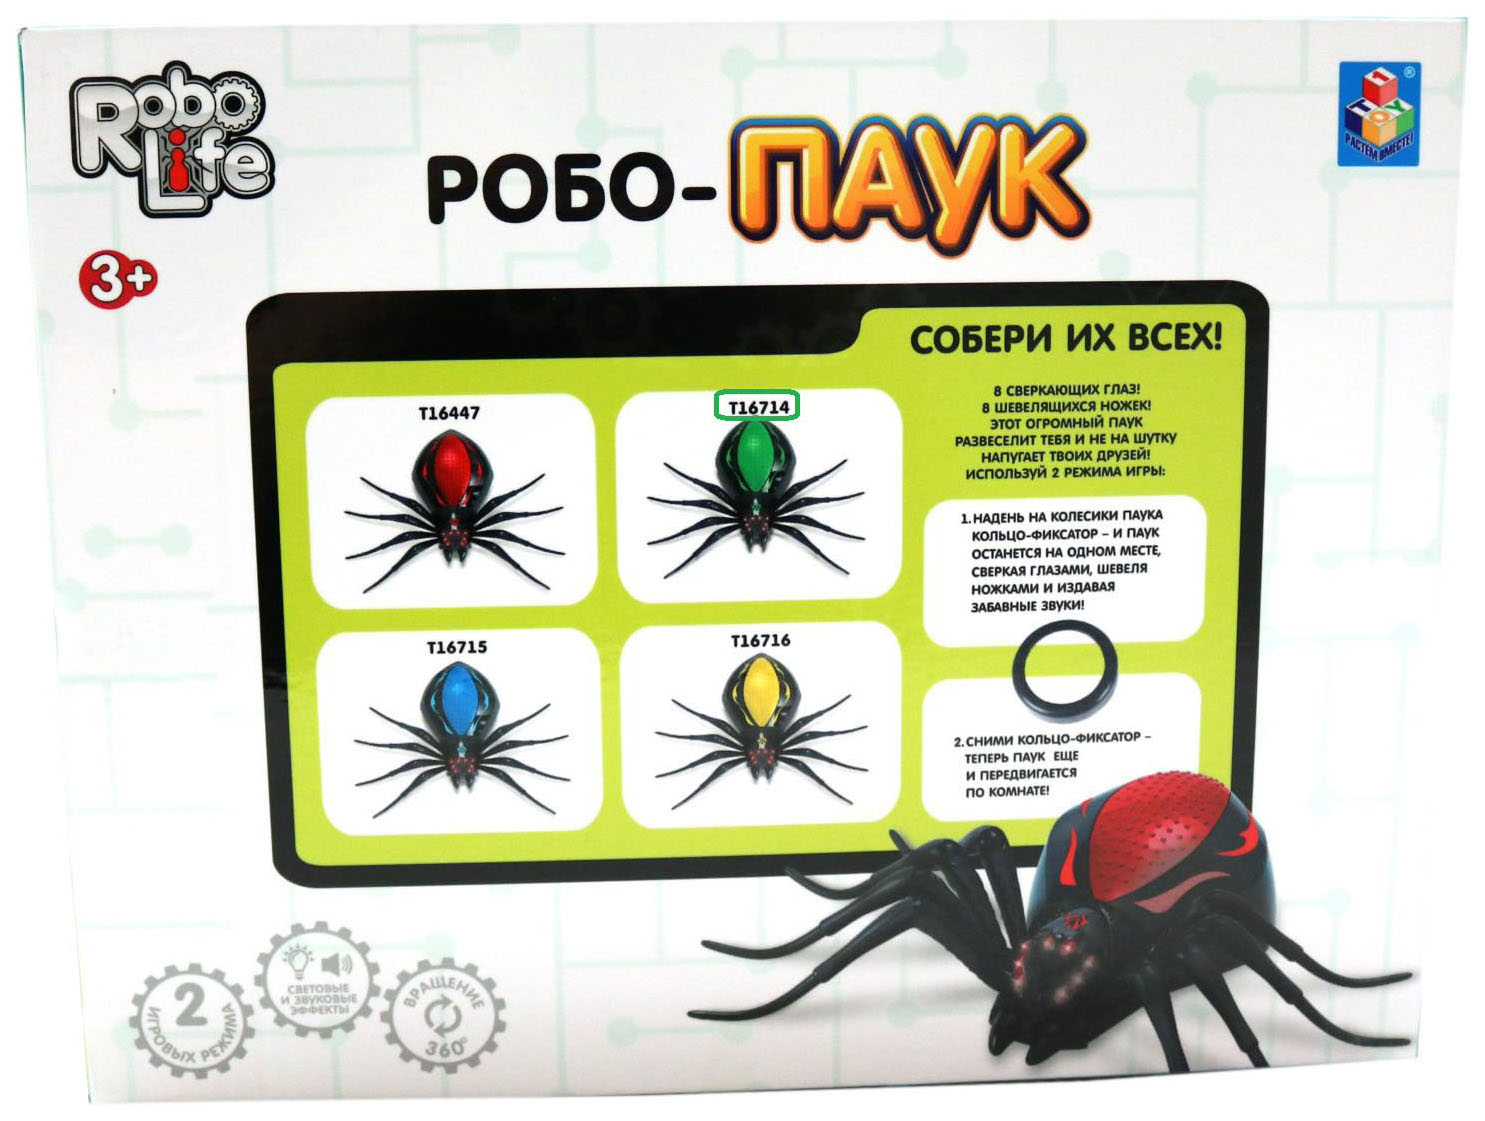 Купить Интерактивная игрушка 1TOY Robo Life Робо-паук Т16714 чёрно-зеленый, 1 TOY, Интерактивные игрушки